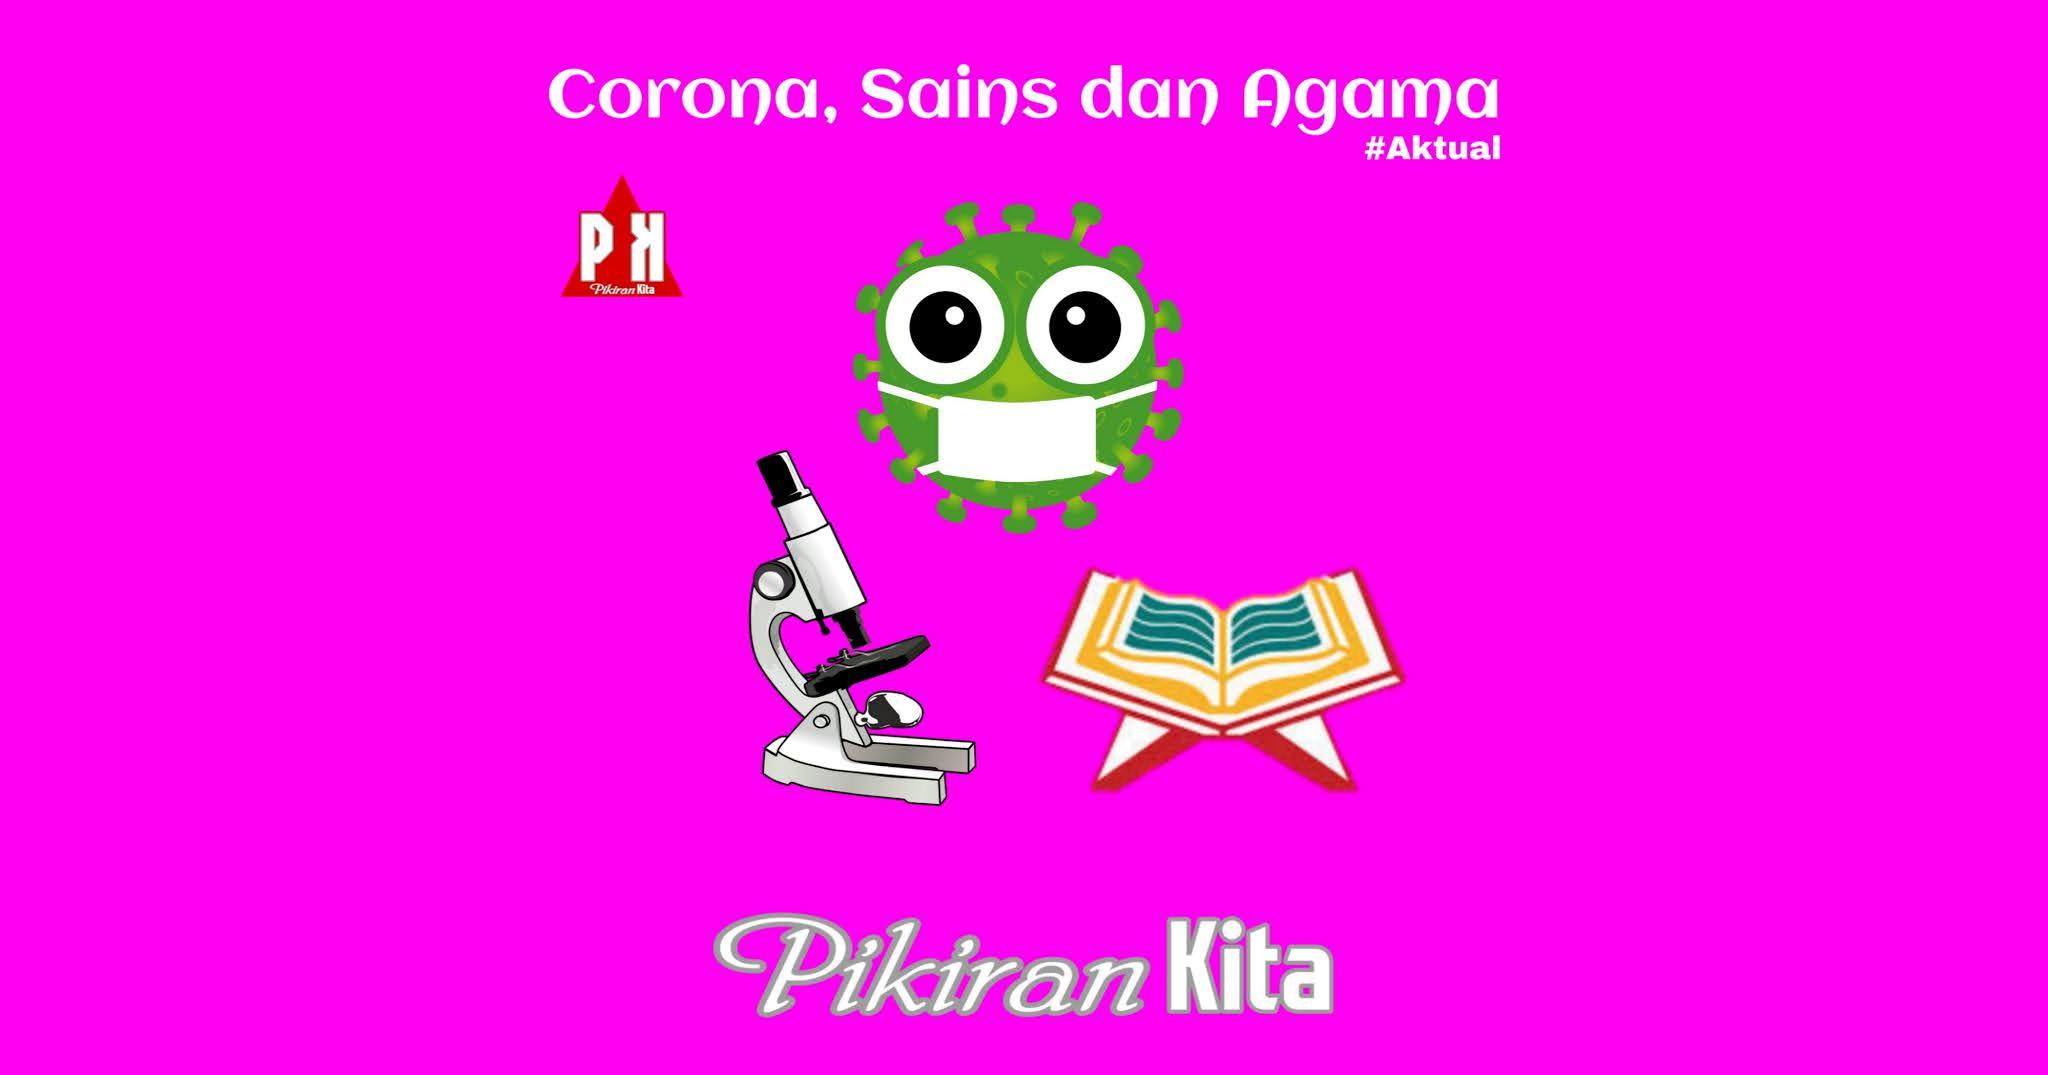 Corona, Sains, dan Agama